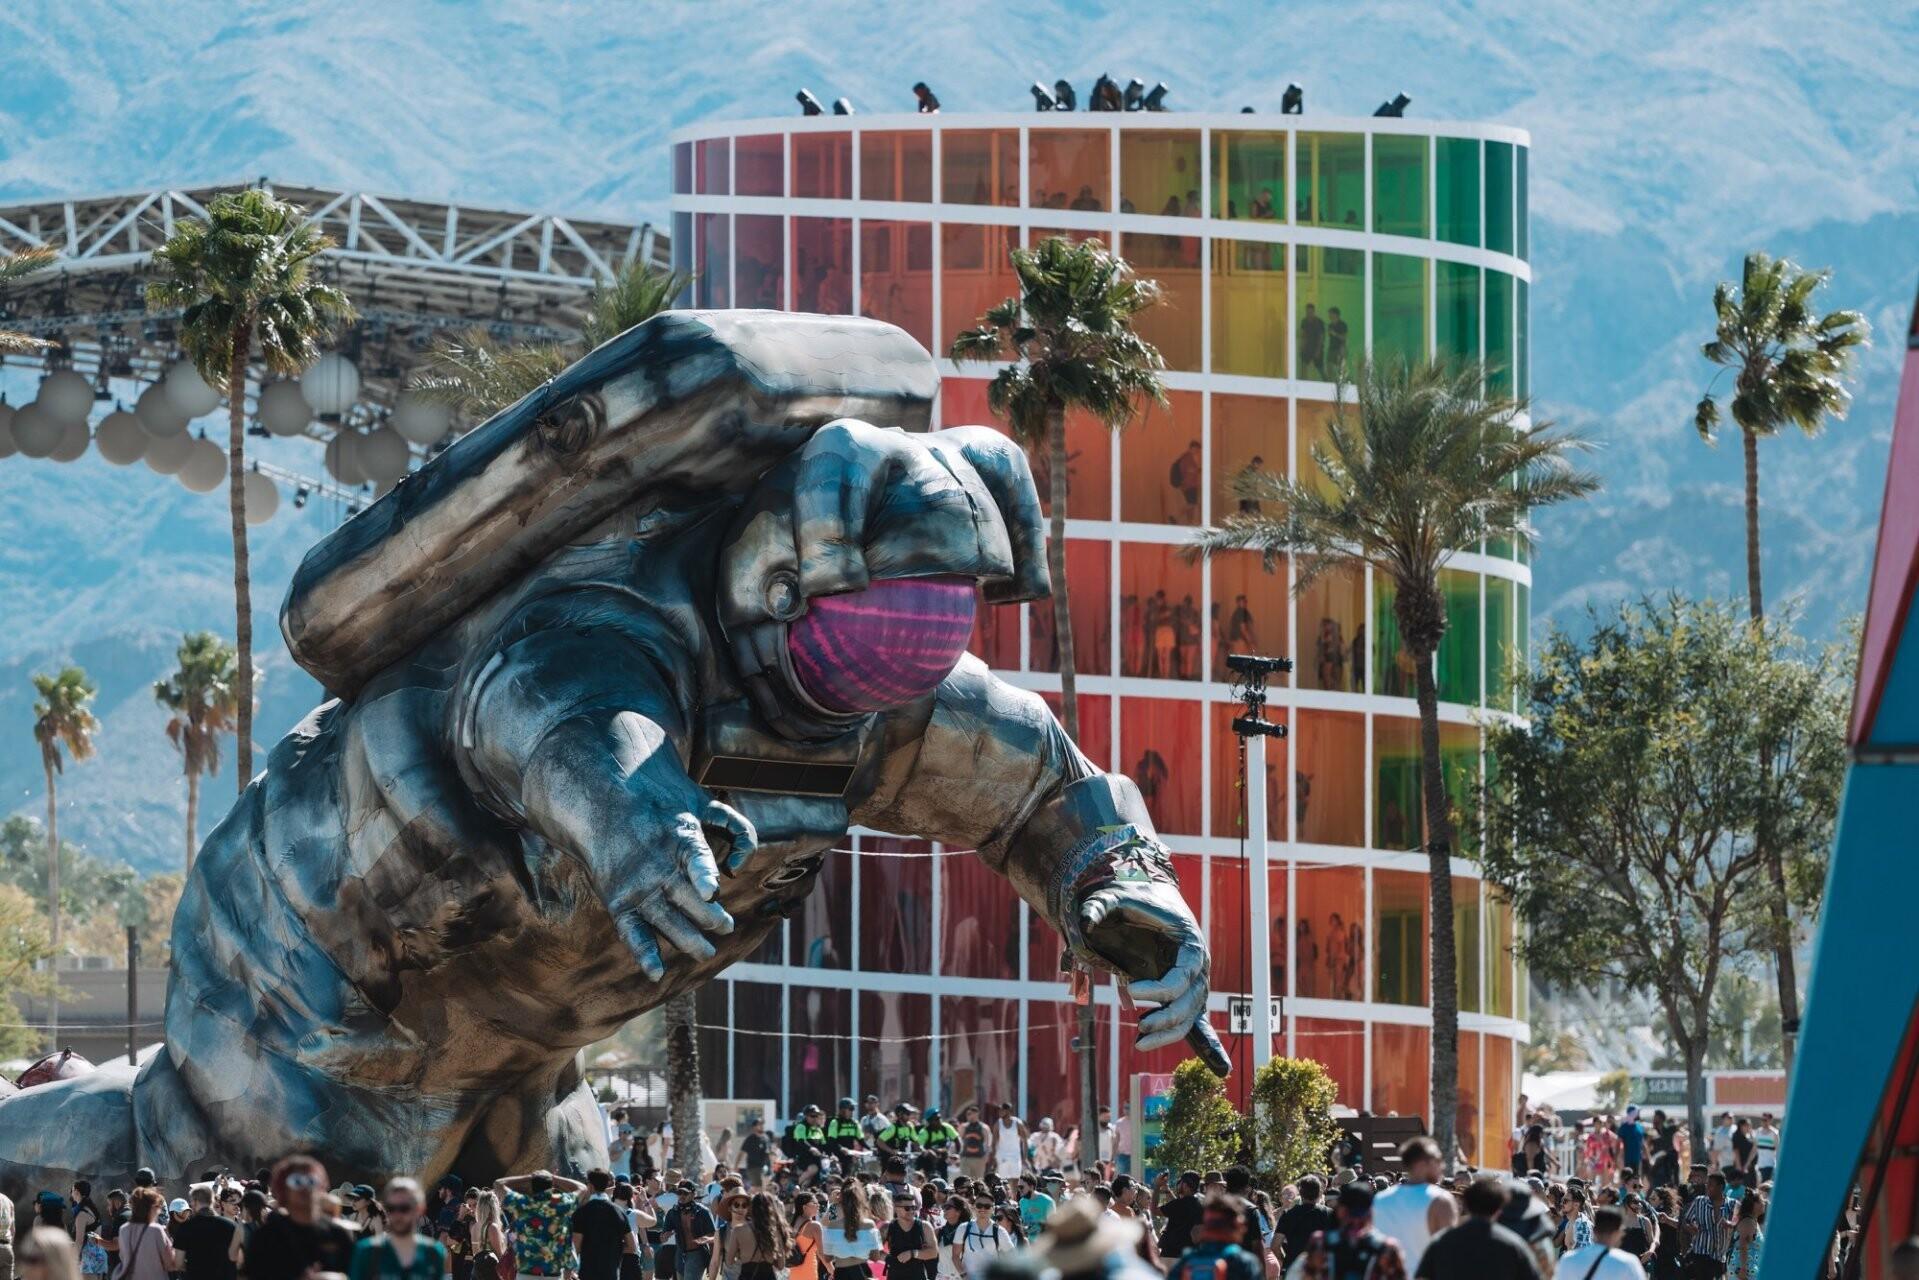 アメリカ・カリフォルニア州で開催予定の世界最高峰の野外フェス『Coachella(コーチェラ)』2022年春に再々延期となる噂が